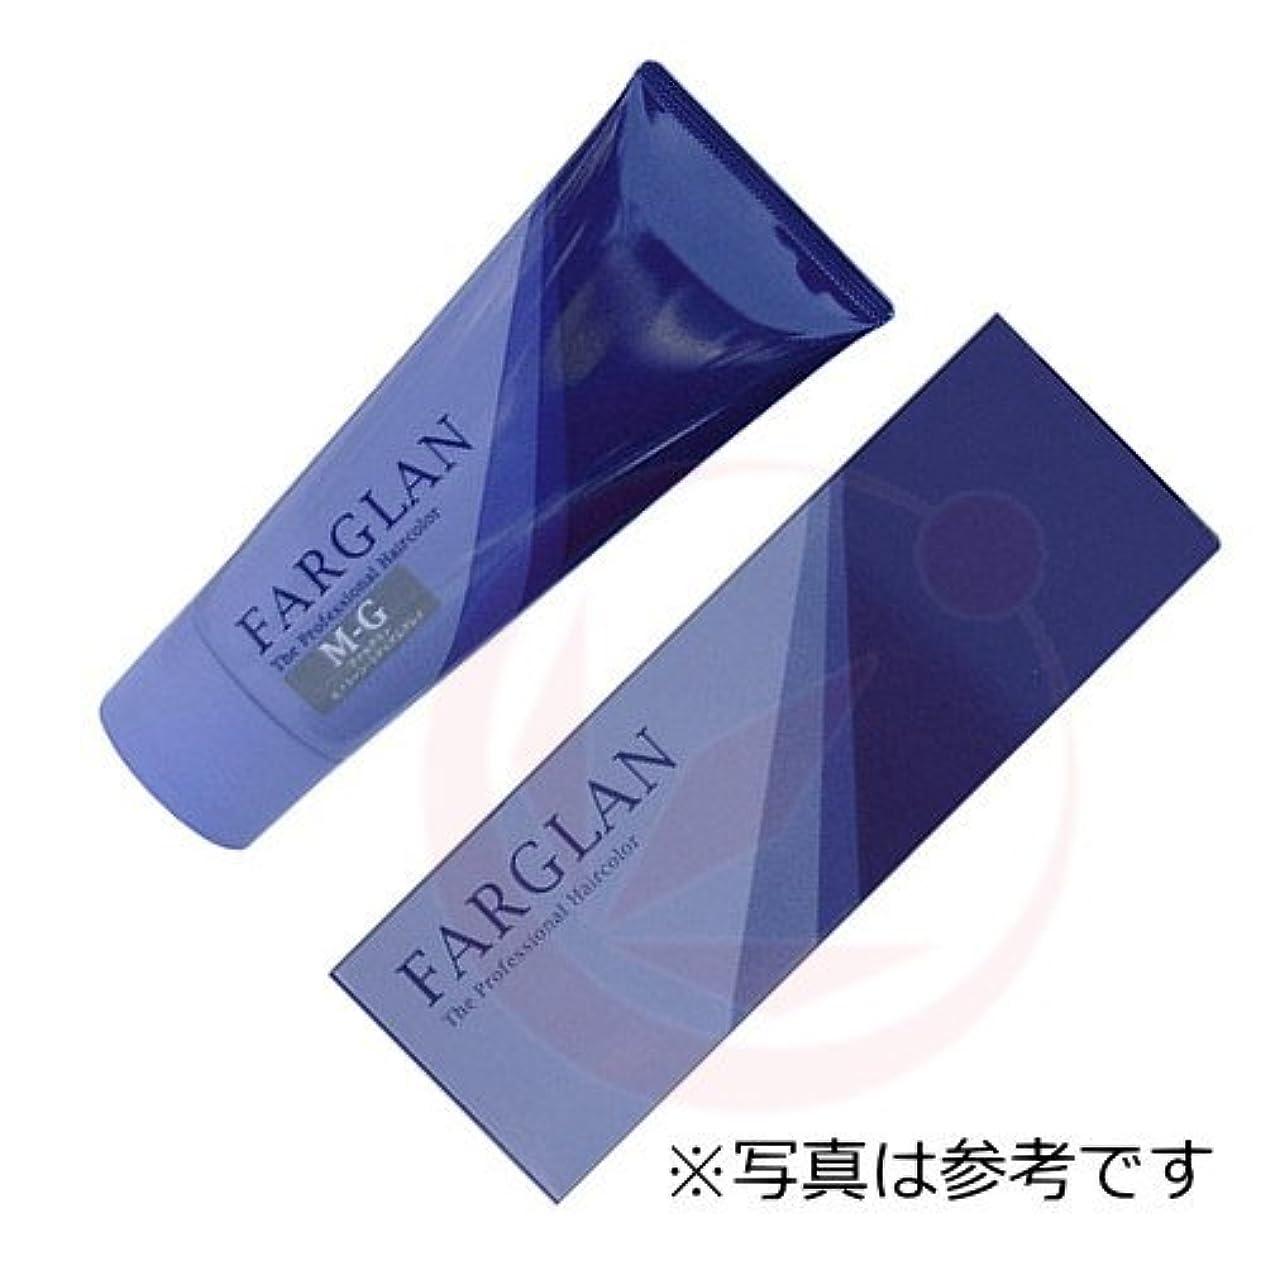 種類社会チキンミルボン ファルグラン 酸性ヘアカラー 160g(ヘアマニキュア) ペールパープル P-P